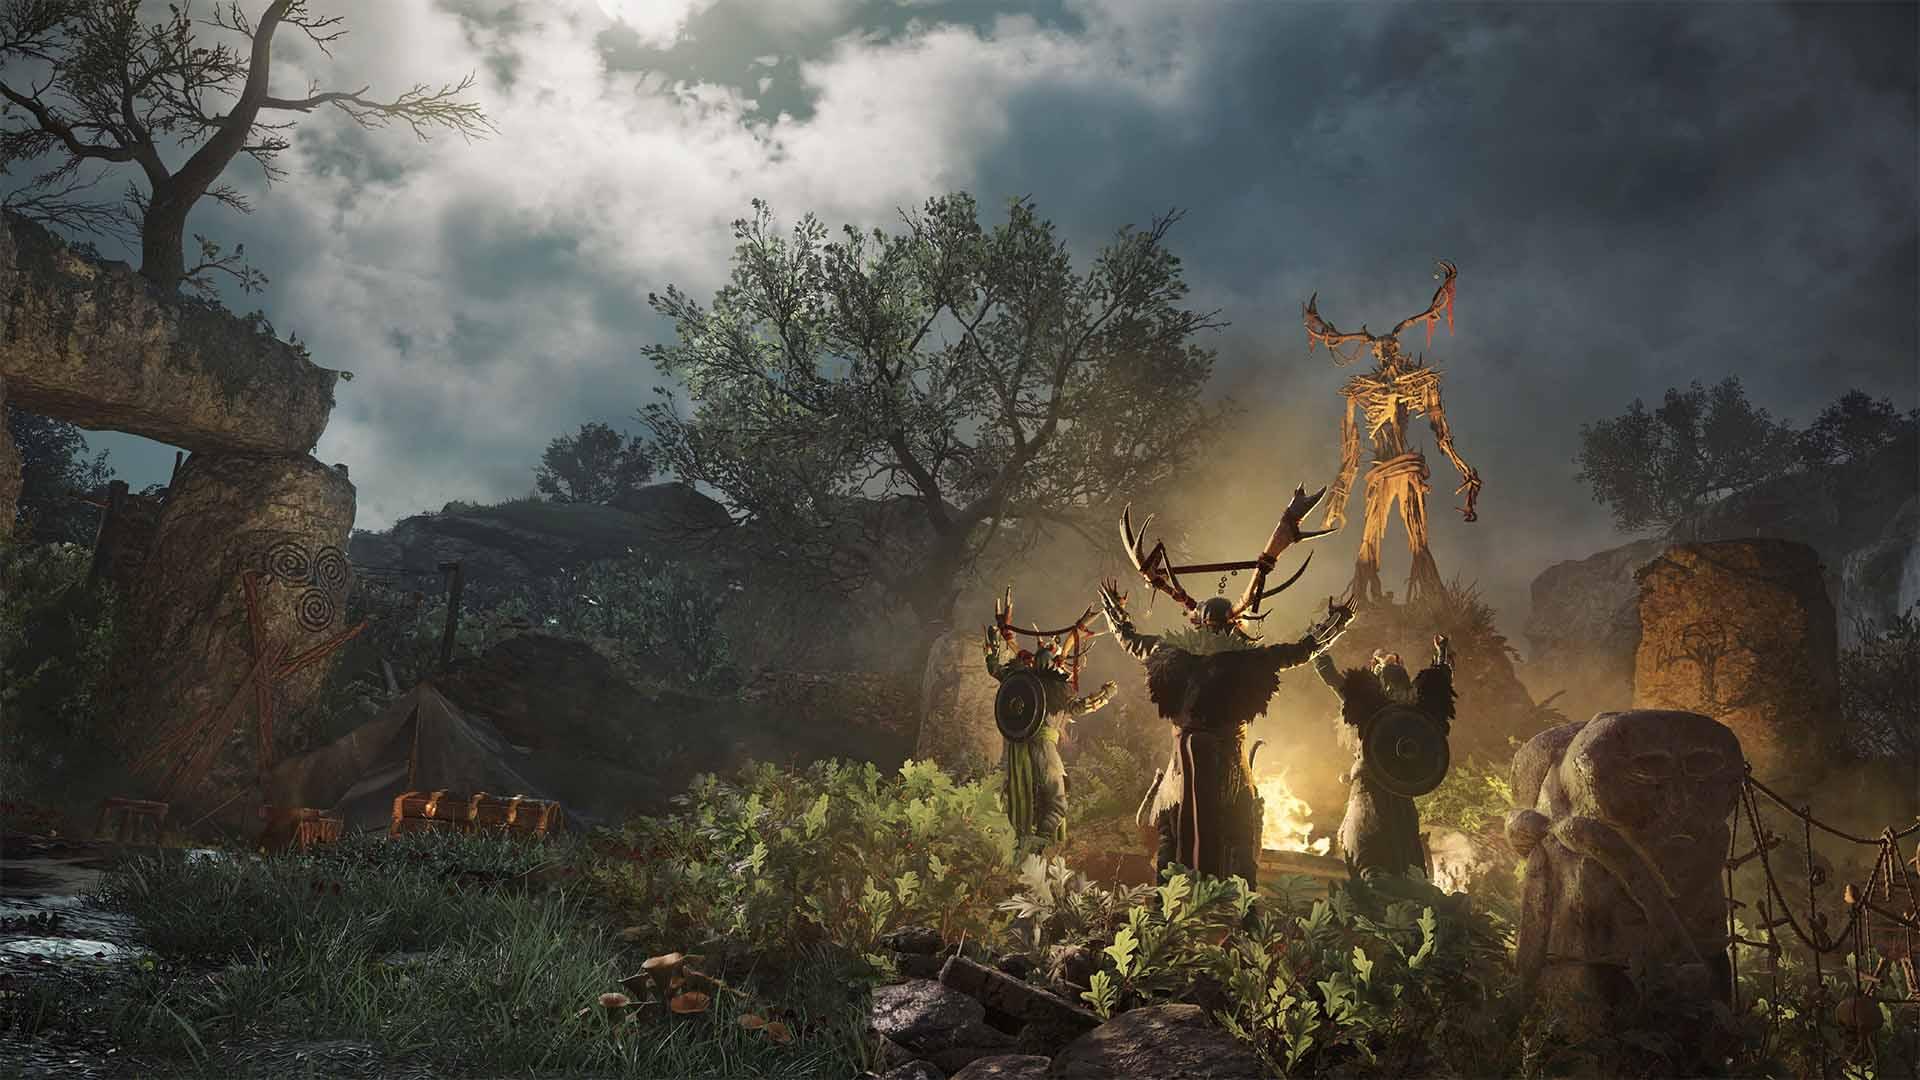 Análisis de Assassin's Creed Valhalla: La Ira de los Druidas - Xbox Series X 5